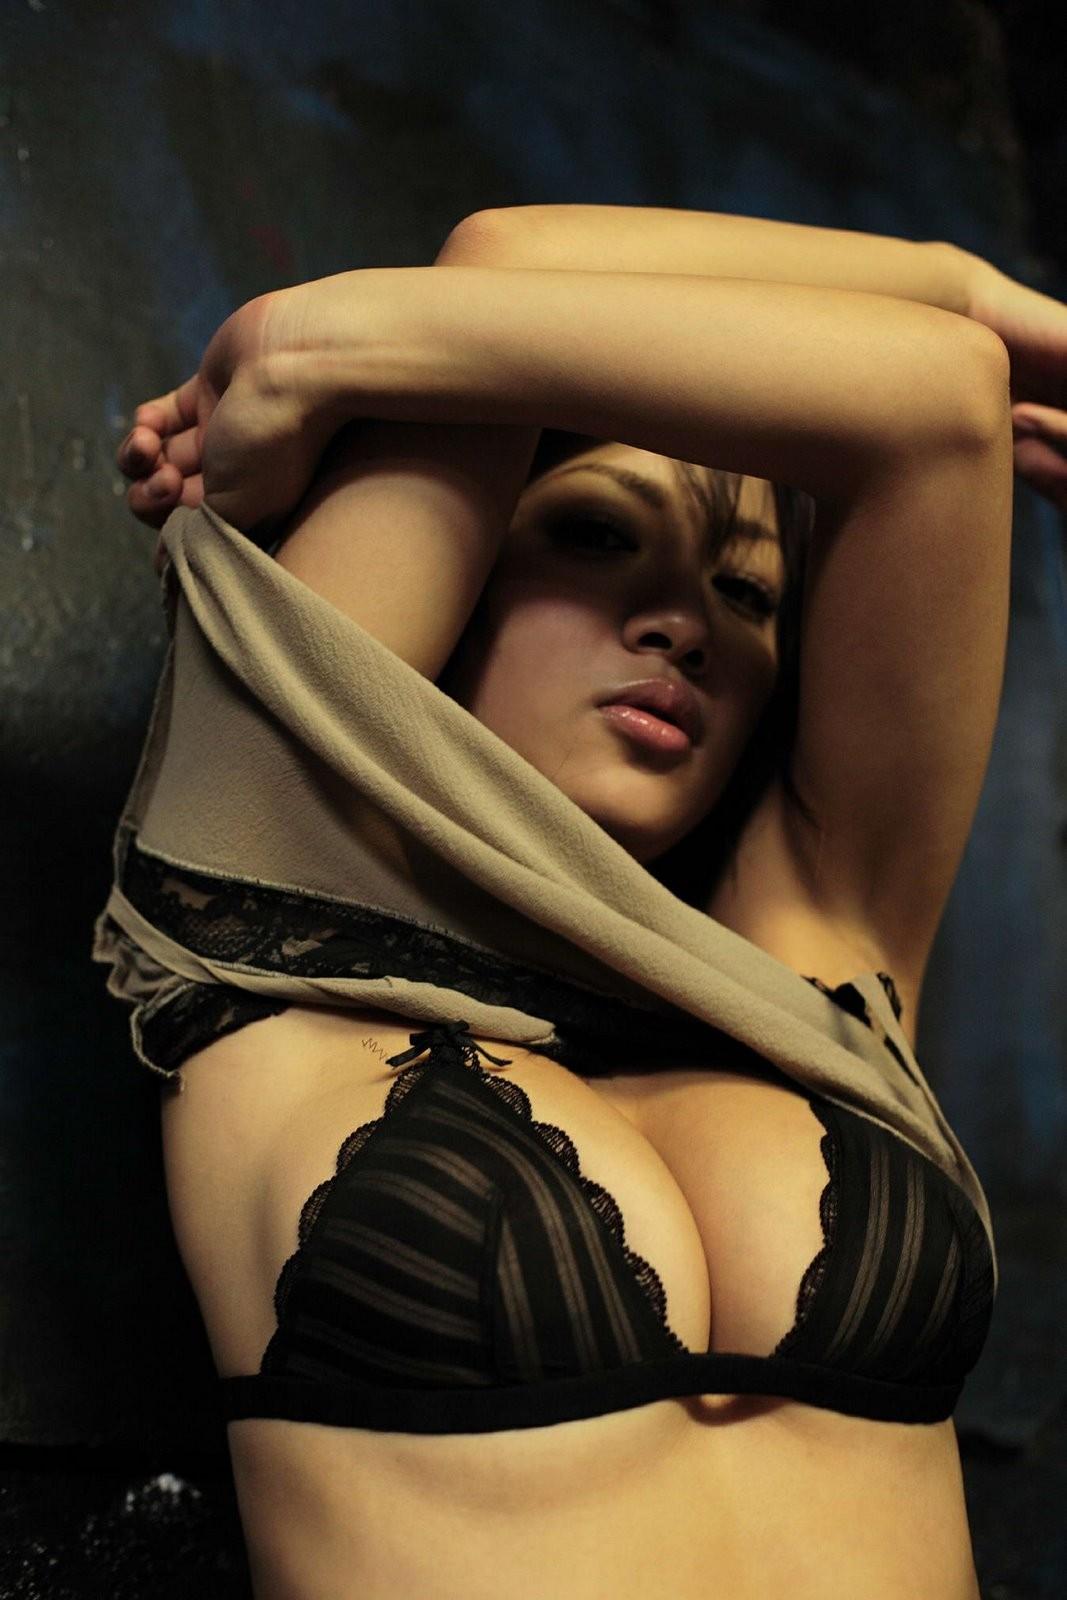 【腋フェチエロ画像】生乳はいいから…百歩譲っても舐めたい美女の腋www 25